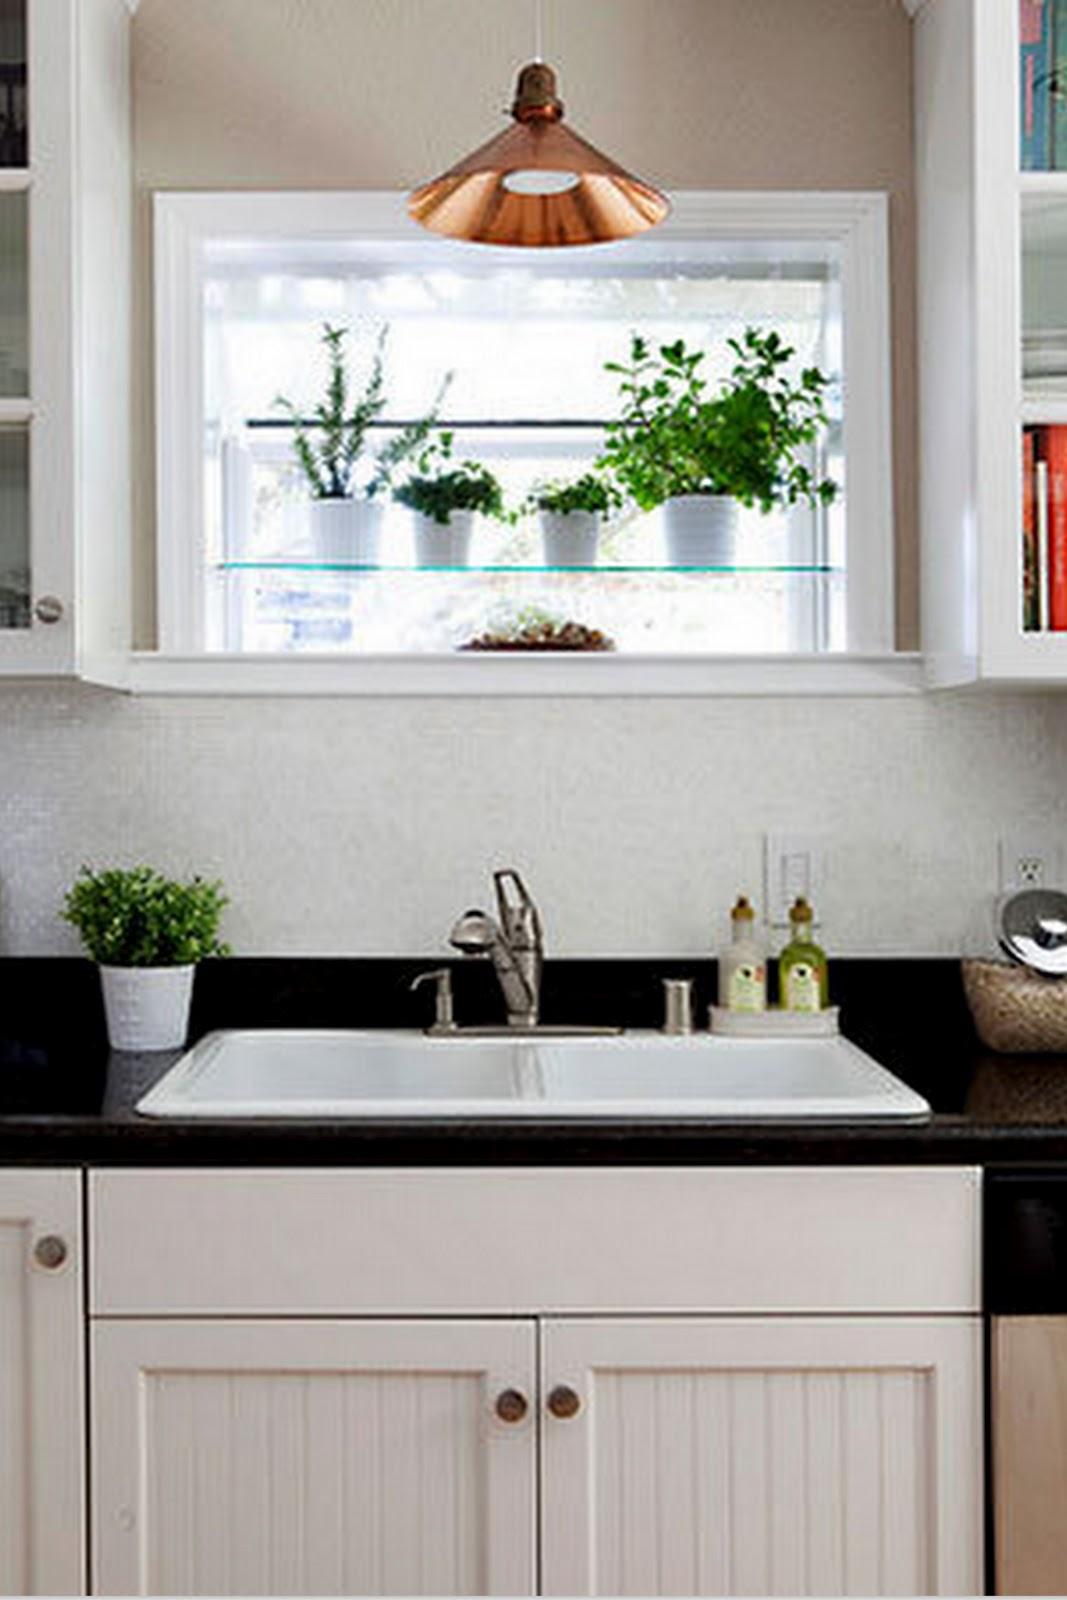 #3E6624 Toques e Retoques: Prateleiras na janela da cozinha #1 42 Janelas De Vidro Cozinha